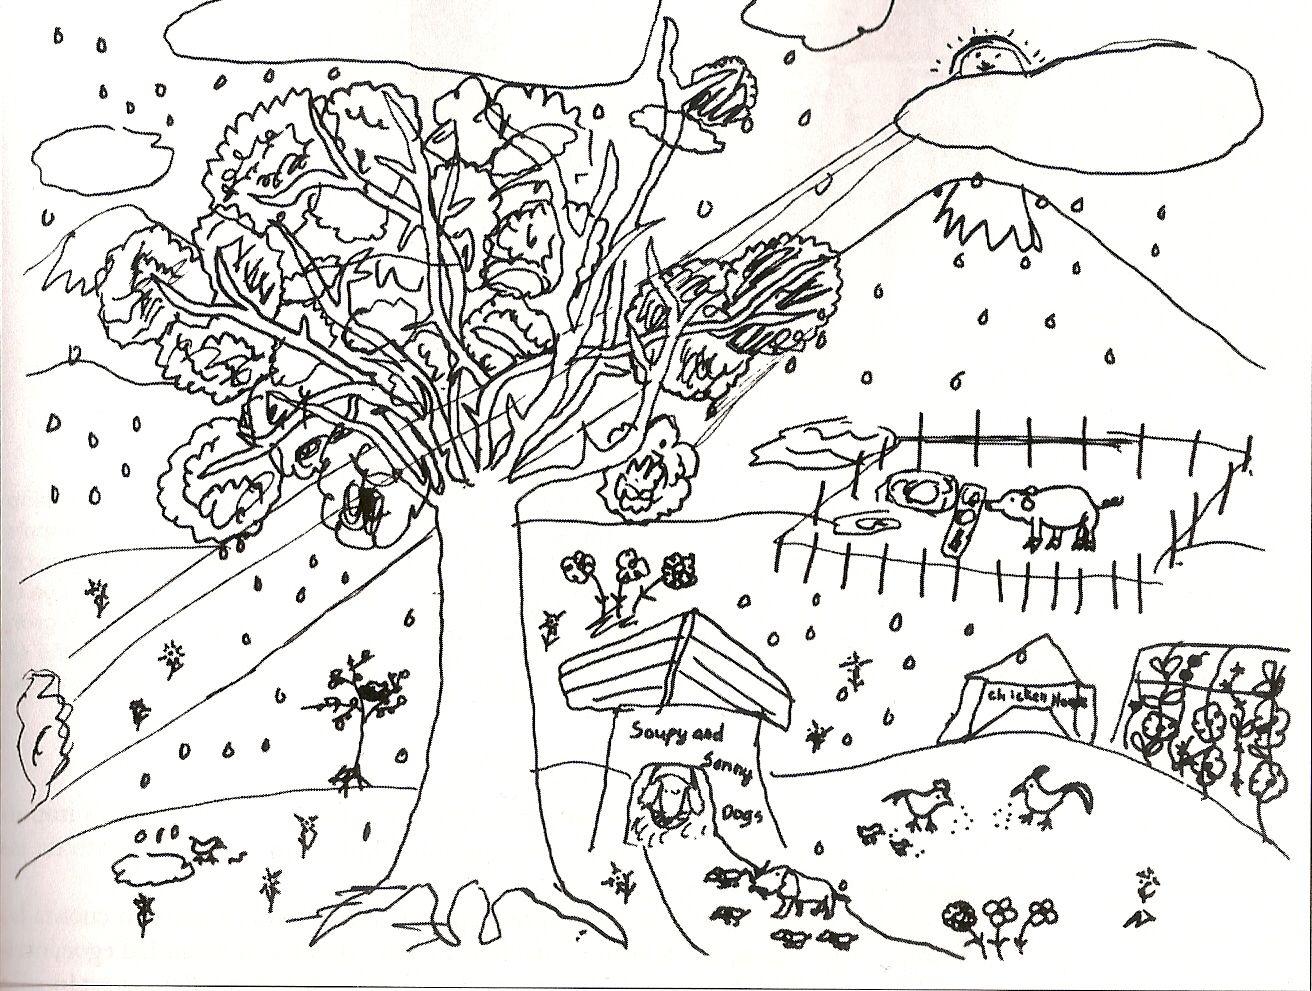 Las Libretas De Dibujo De 10 Artistas Colombianos: Arte Infantil: Diciembre 2010